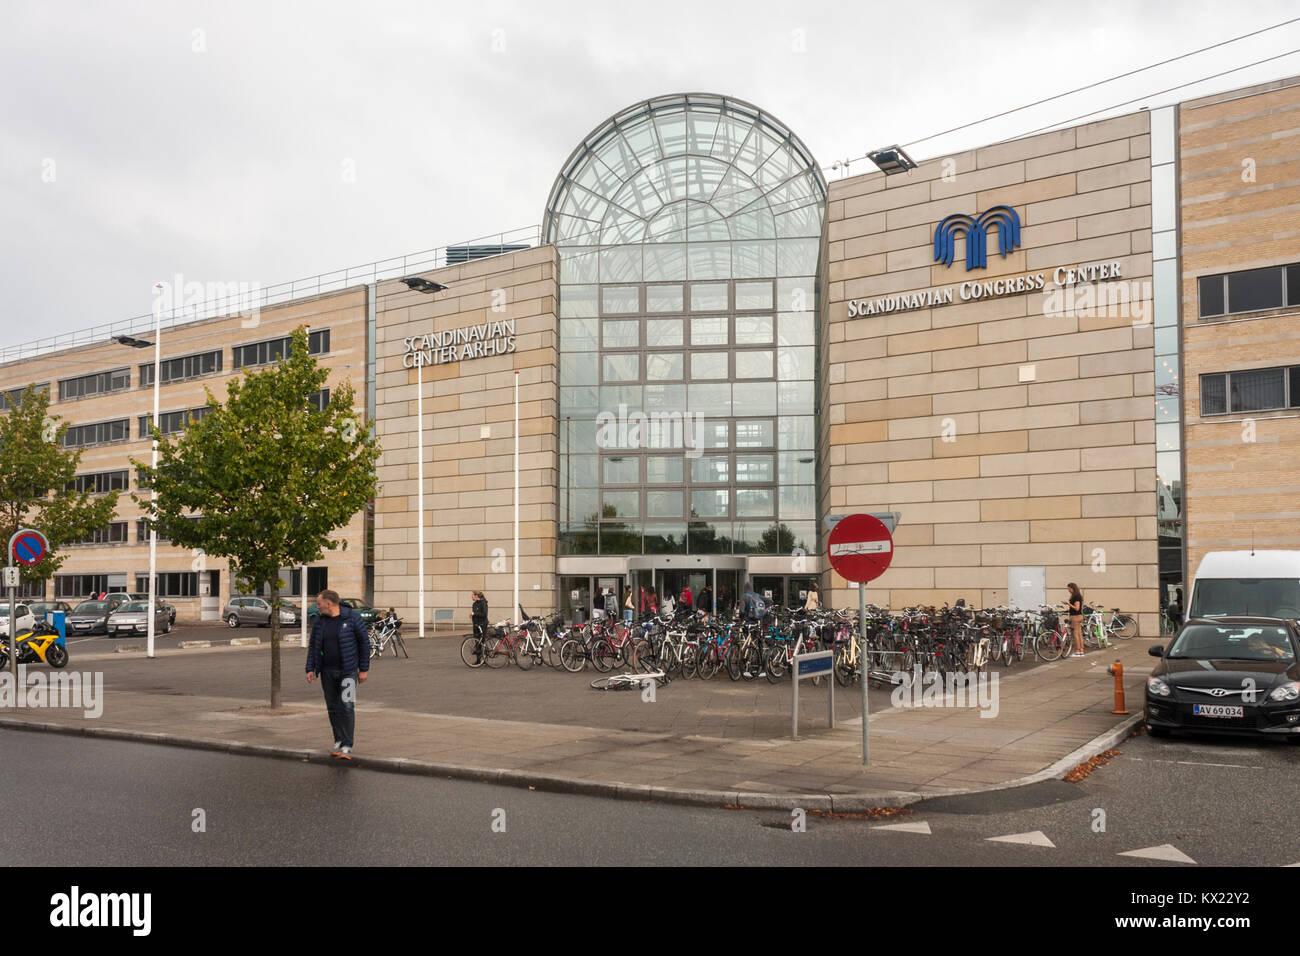 Scandinavian Congress Center Midtbyen Aarhus Denmark Europe